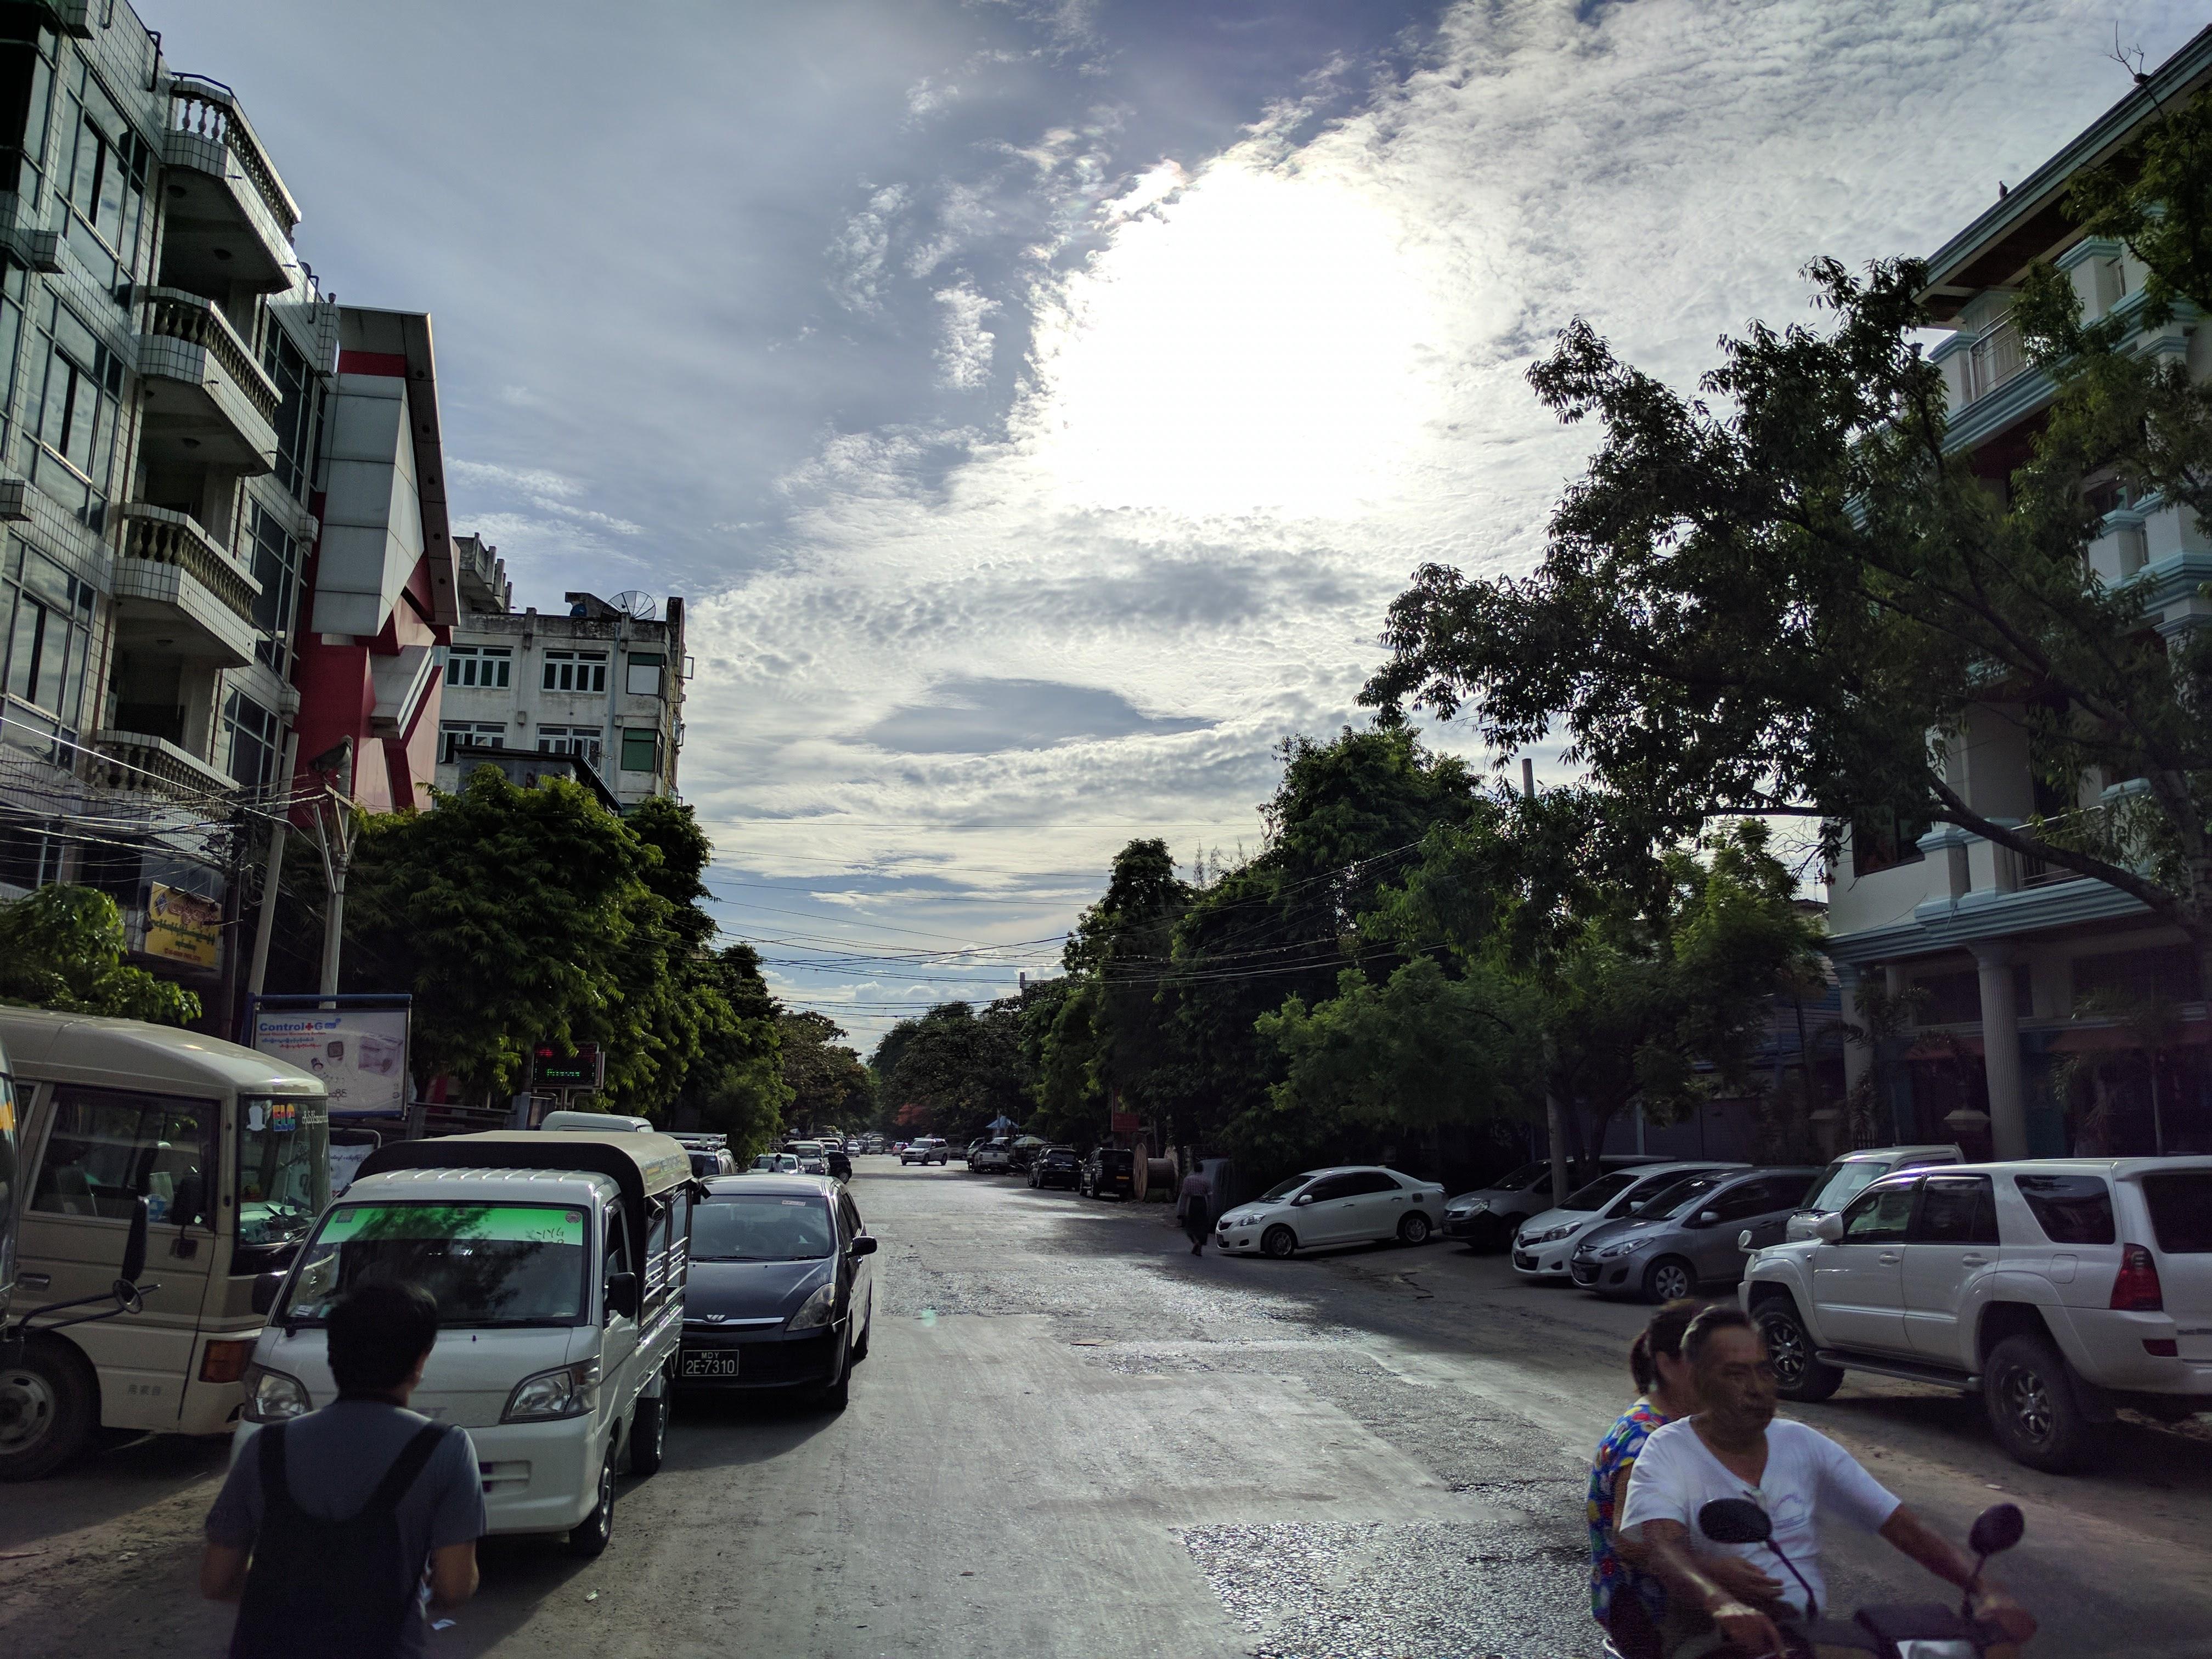 Mandalay rue